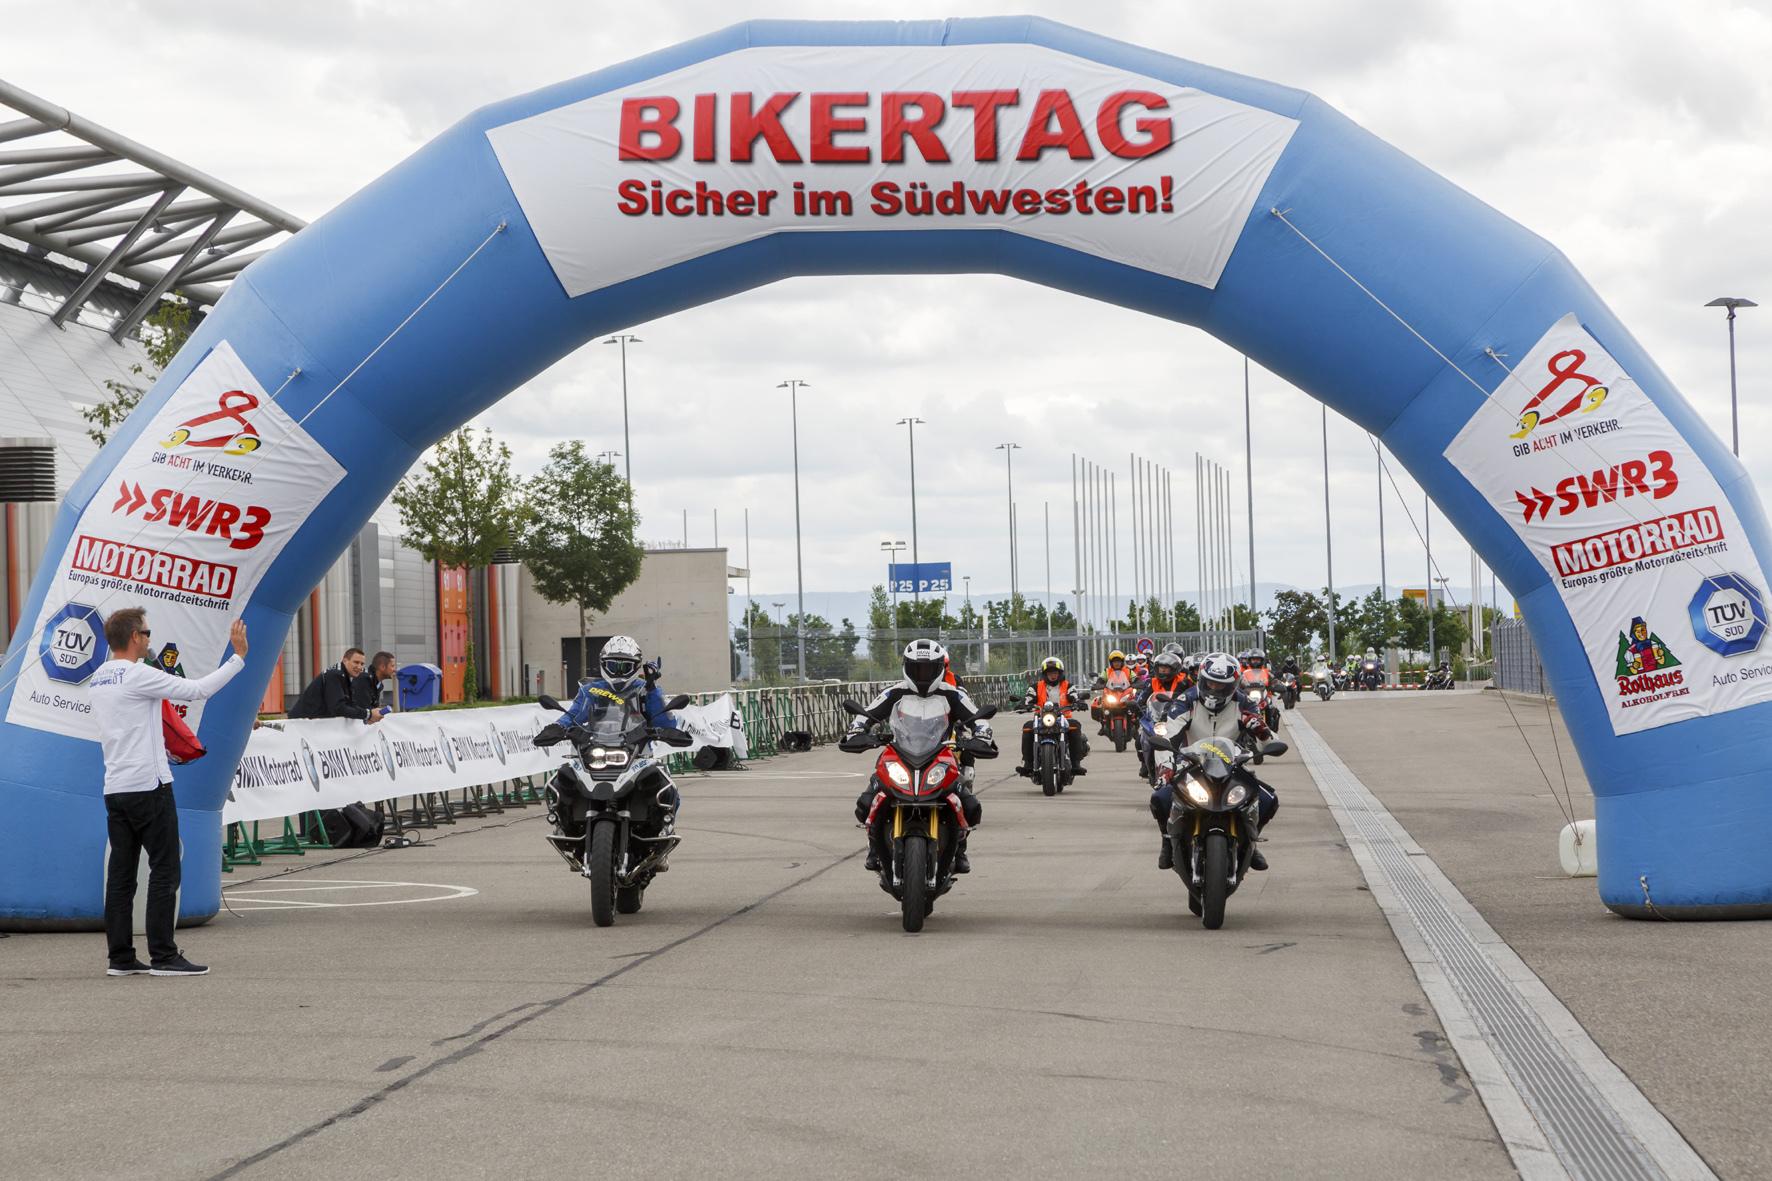 mid Düsseldorf - Rund 6.500 Motorrad-Fans kommen beim Biker-Tag auf ihre Kosten. Und sie können die neuesten Sicherheitssysteme aktiv erleben.